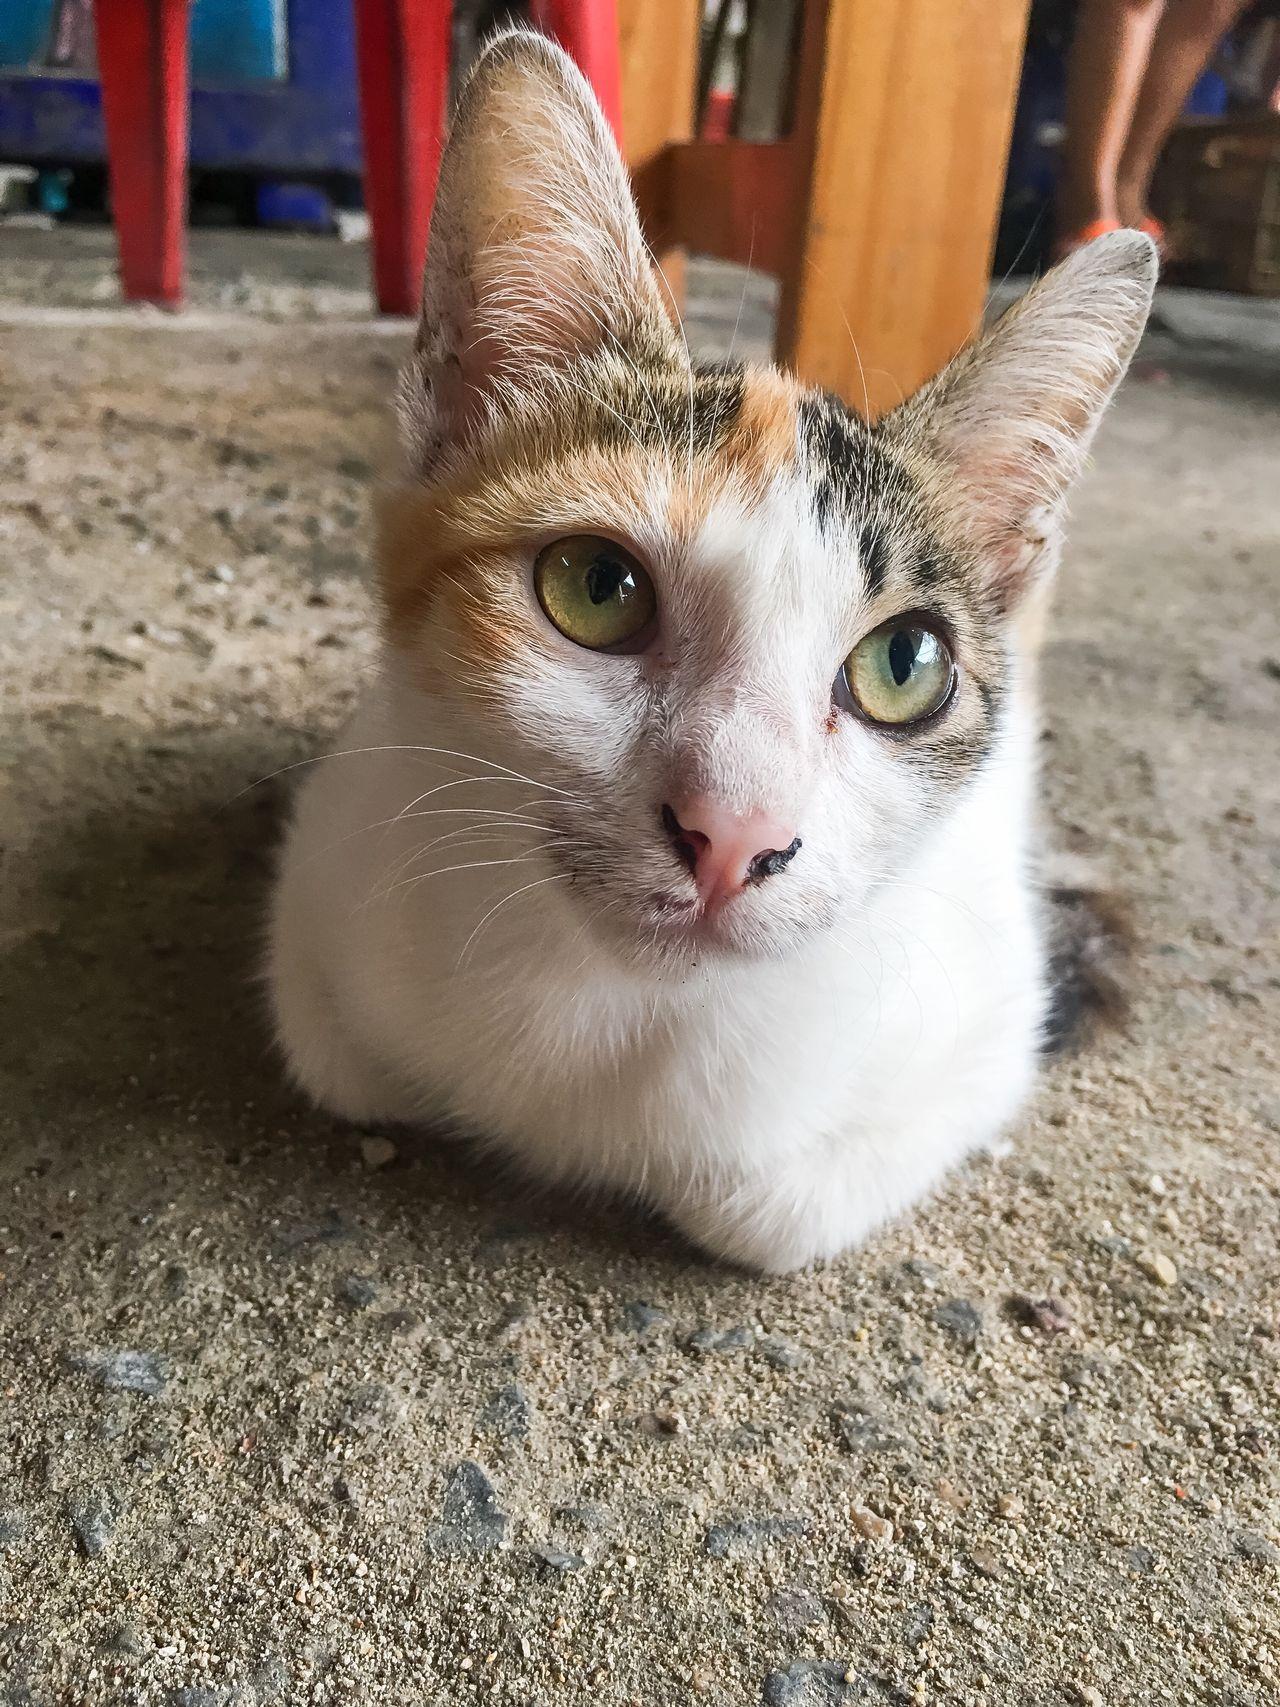 Kitten Kitten 🐱 Cats Little Cat Cute Pets Lookingup Eye Small Cat Alone